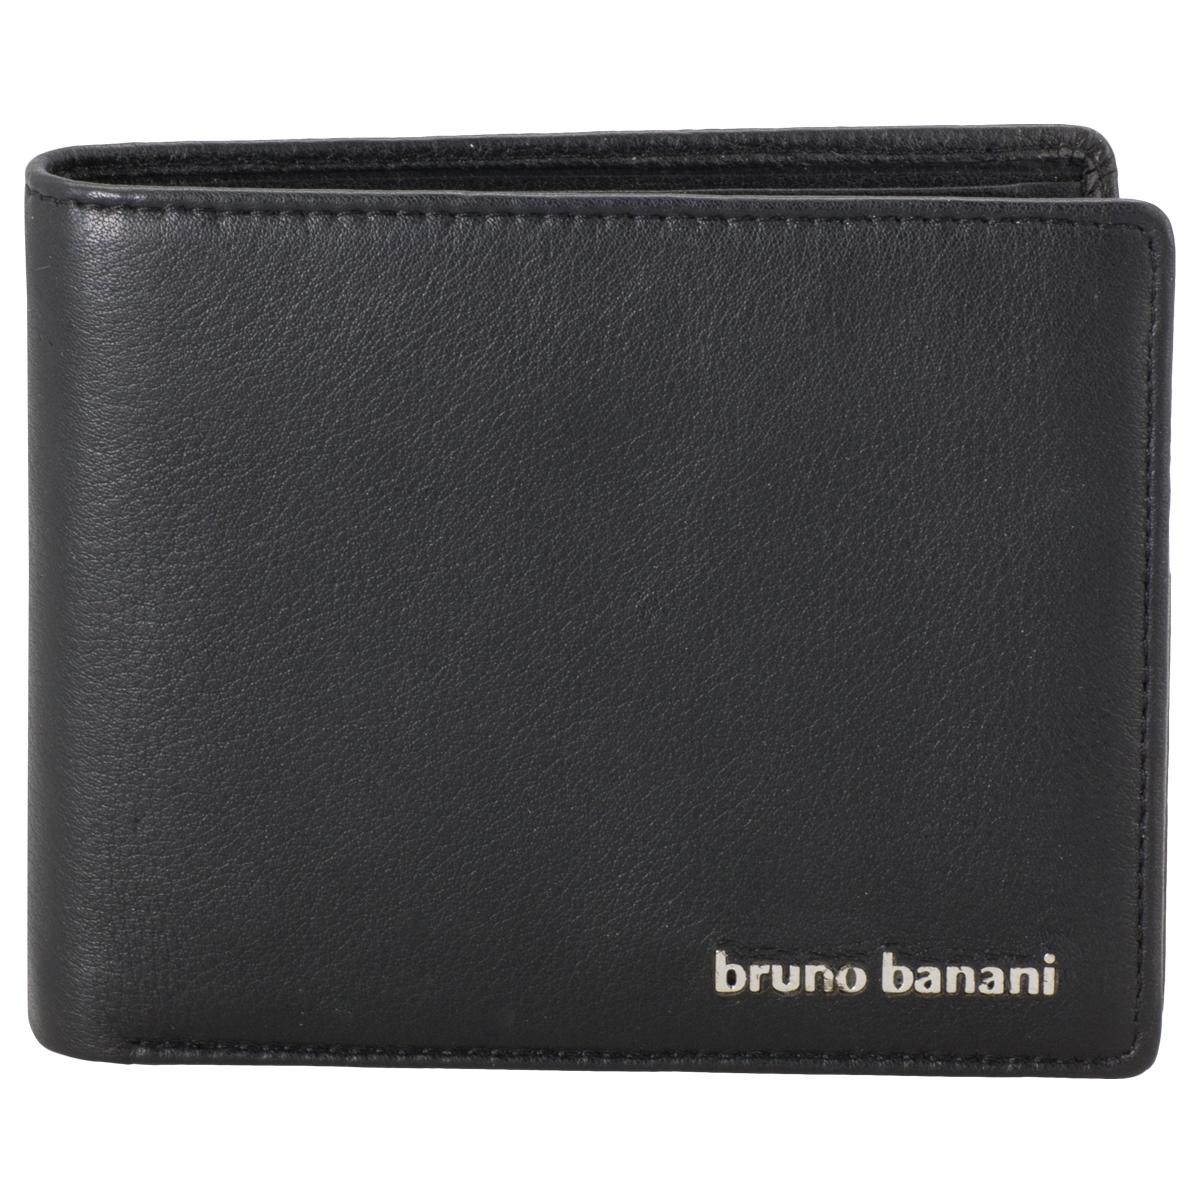 7d9f56f2950c0 Bruno Banani Portemonnaie   Geldbeutel Herren